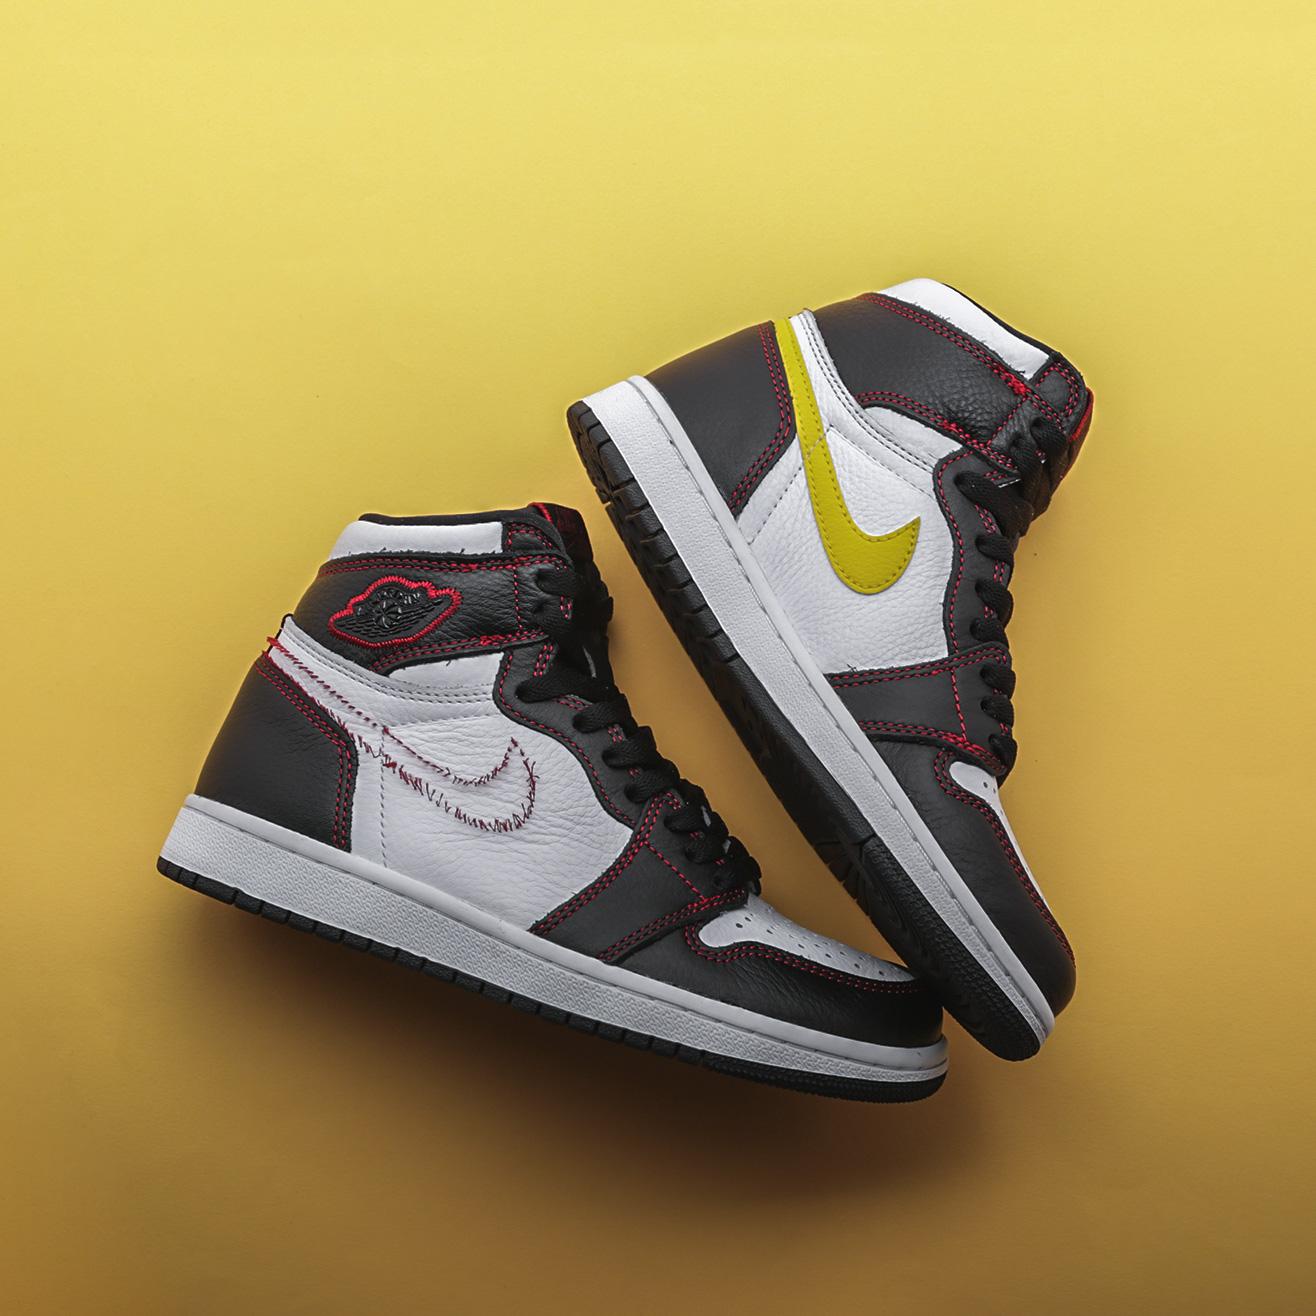 Кроссовки Jordan 1 High OG Defiant